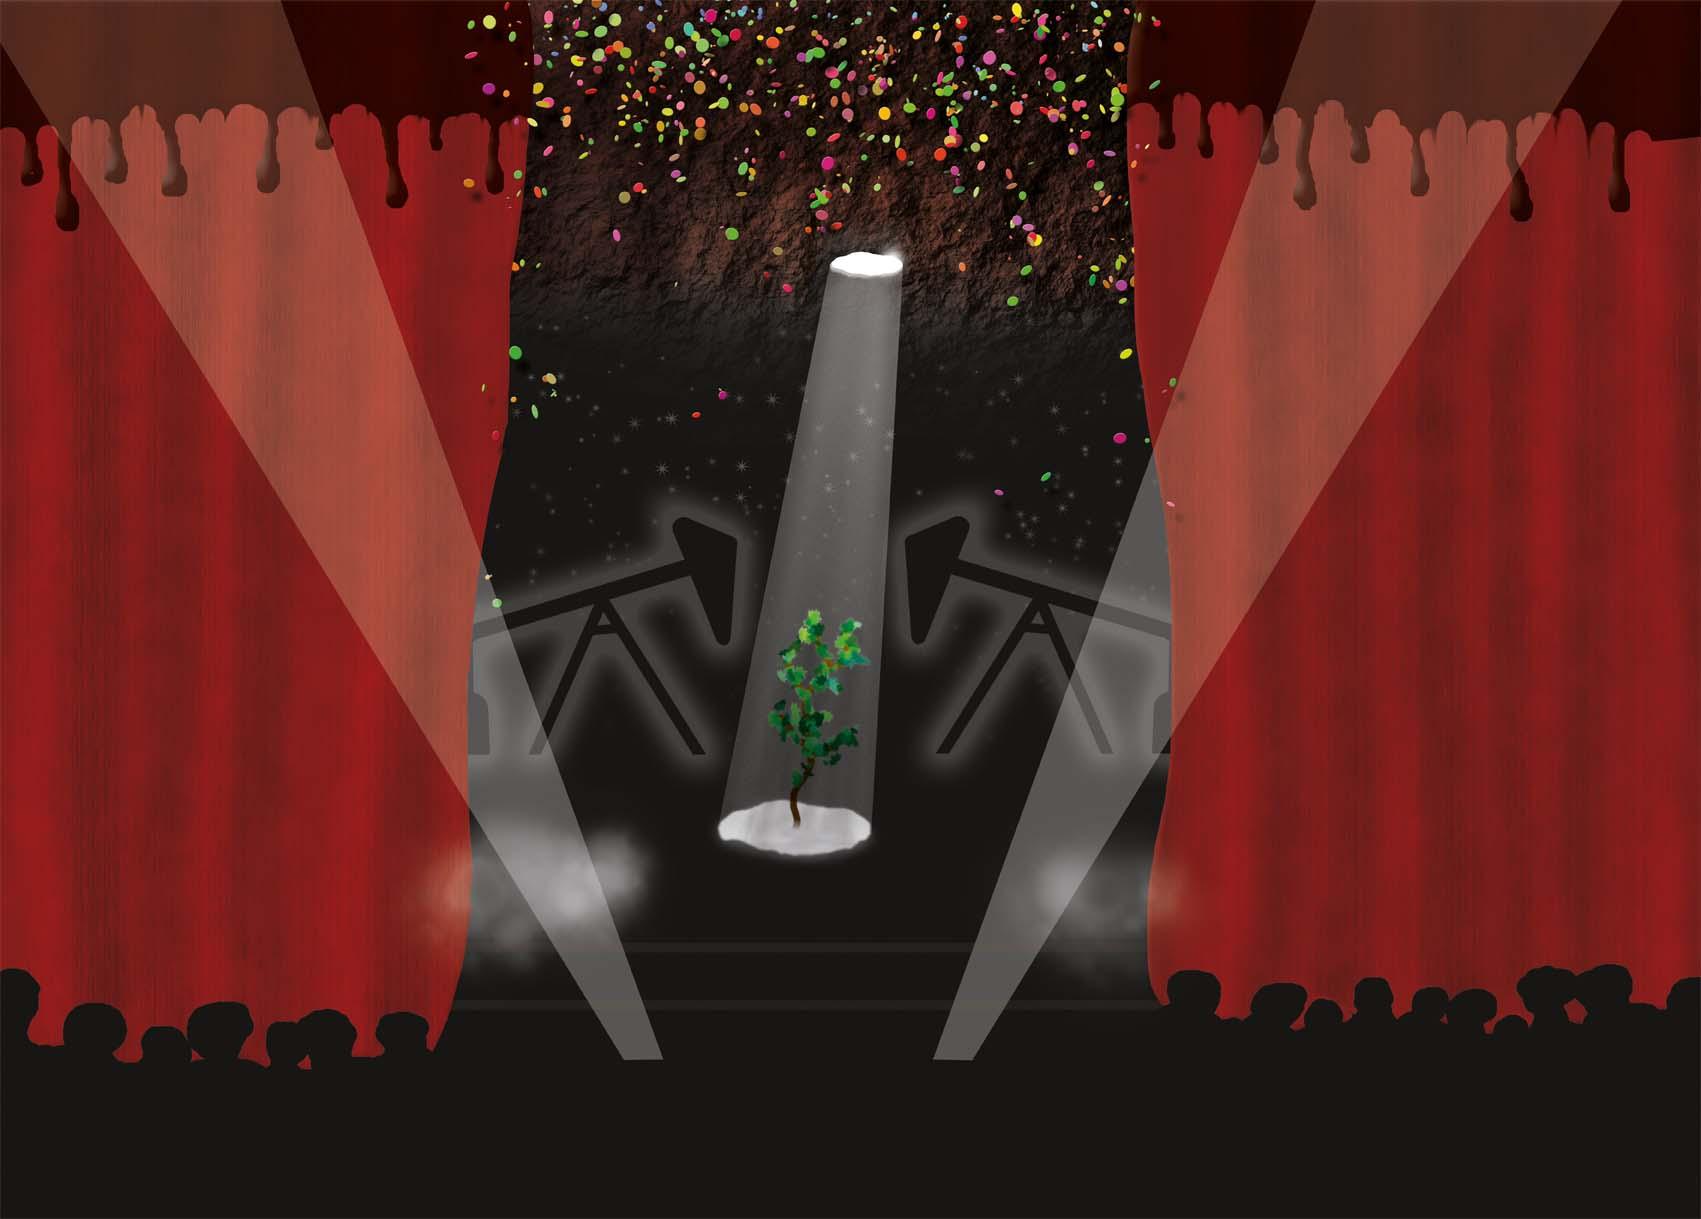 Plant in schijnwerper op podium met jaknikkers op de achtergrond. Olie druipt van de gordijnen. Een viering met een show, een blik in de toekomst van een tijd waarin<br>fossiele brandstof vereerd wordt.